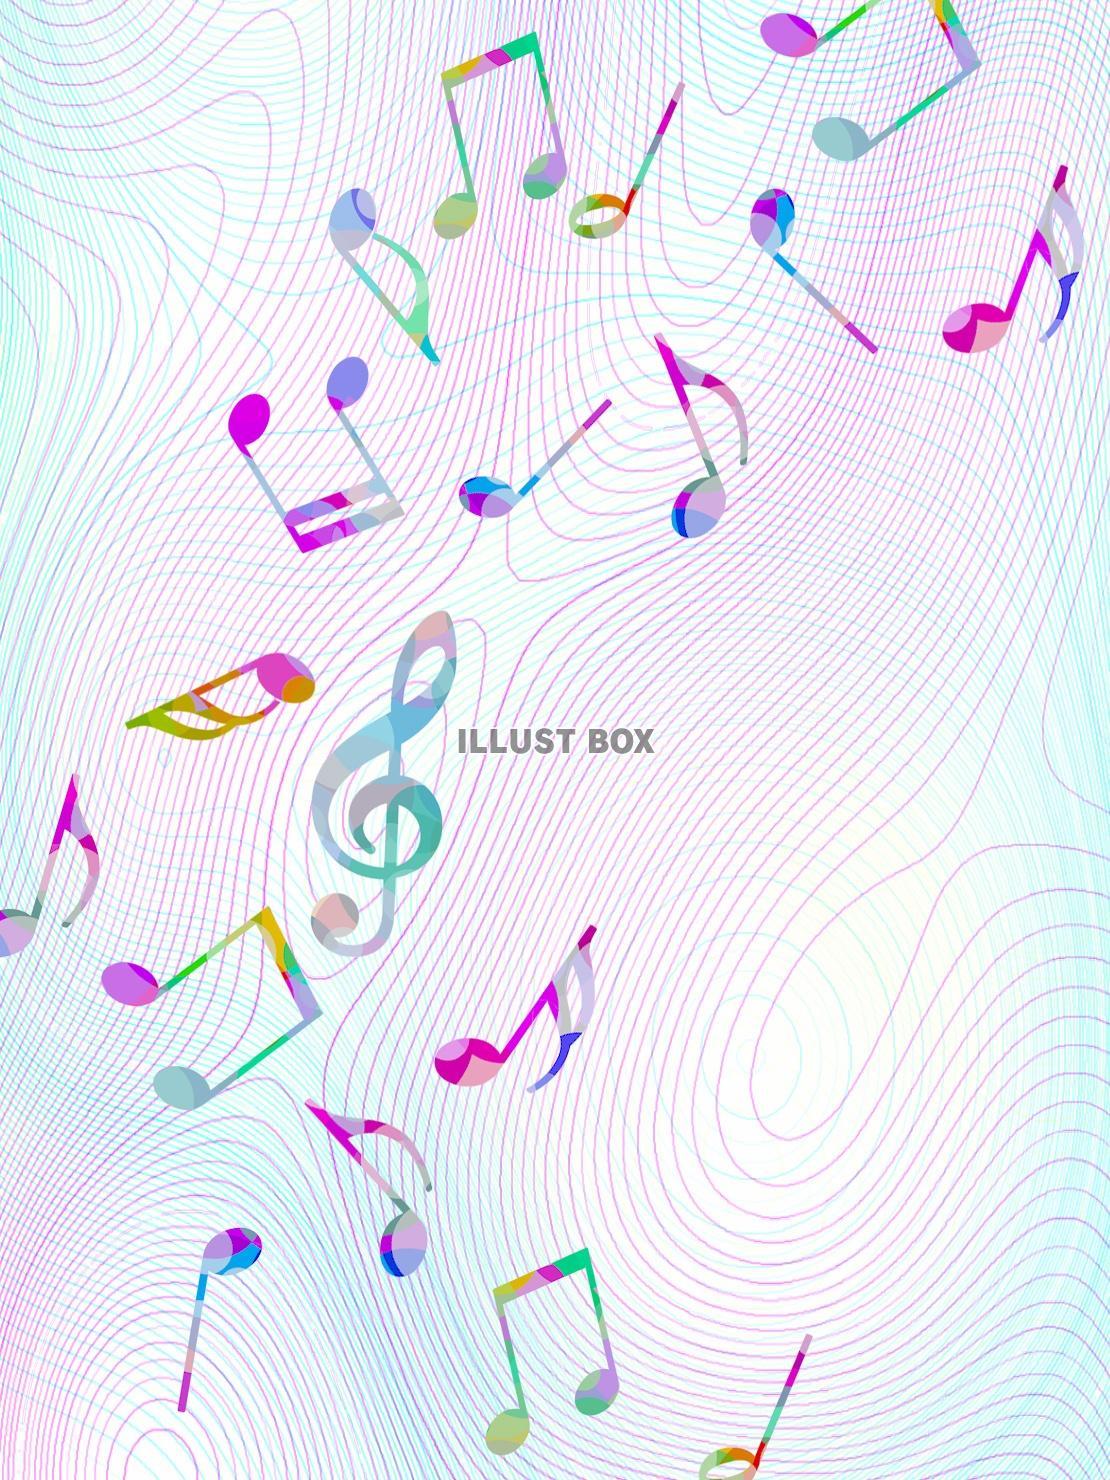 無料イラスト 音符の壁紙カラフルな音楽背景イラスト素材